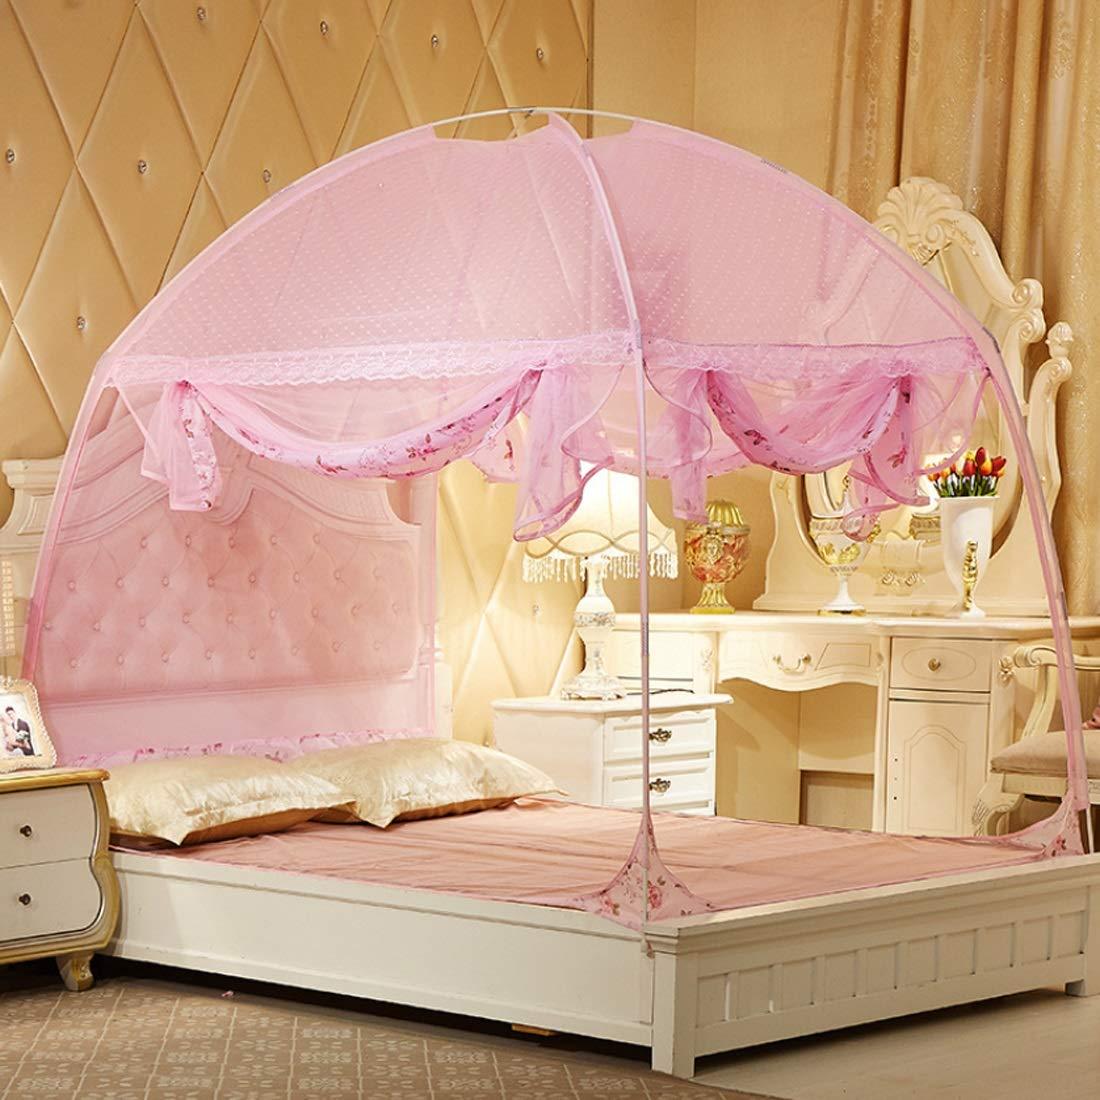 随州高新区酷冰便利购物店 モスキートネットUタイプの暗号化高められたアカウント糸3ベッドモスキートネットユルルトベッドテントは、寝室に適しています (色 : ピンク, サイズ : 120*200CM) B07R1LR3KD ピンク 120*200CM